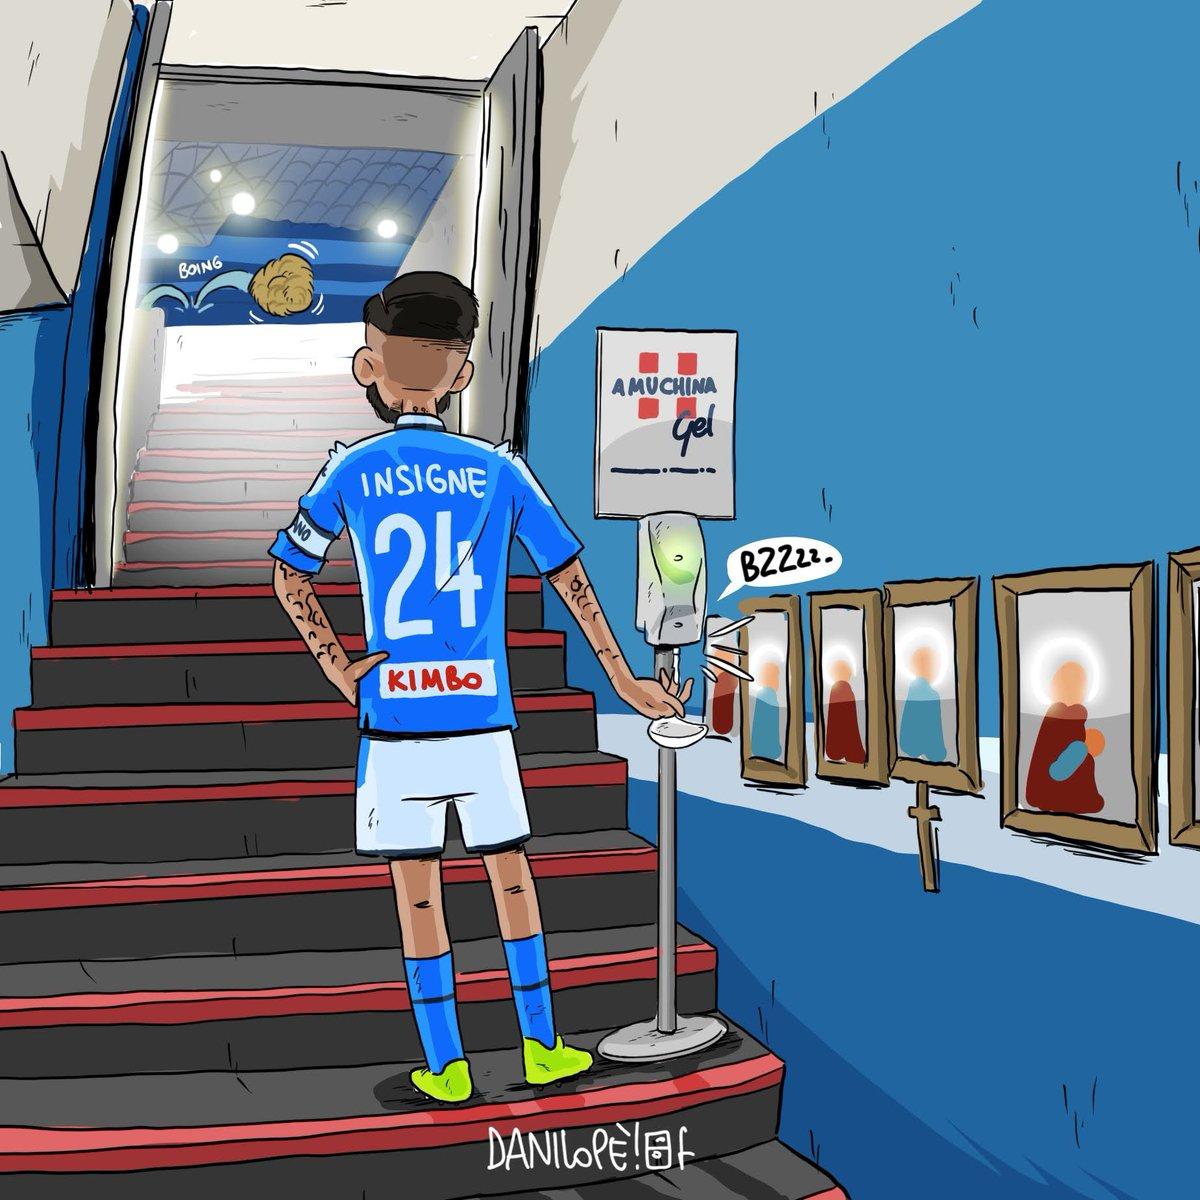 Primo incontro della seconda giornata della Coppa UNCINNECOVIDDI 2020-2021